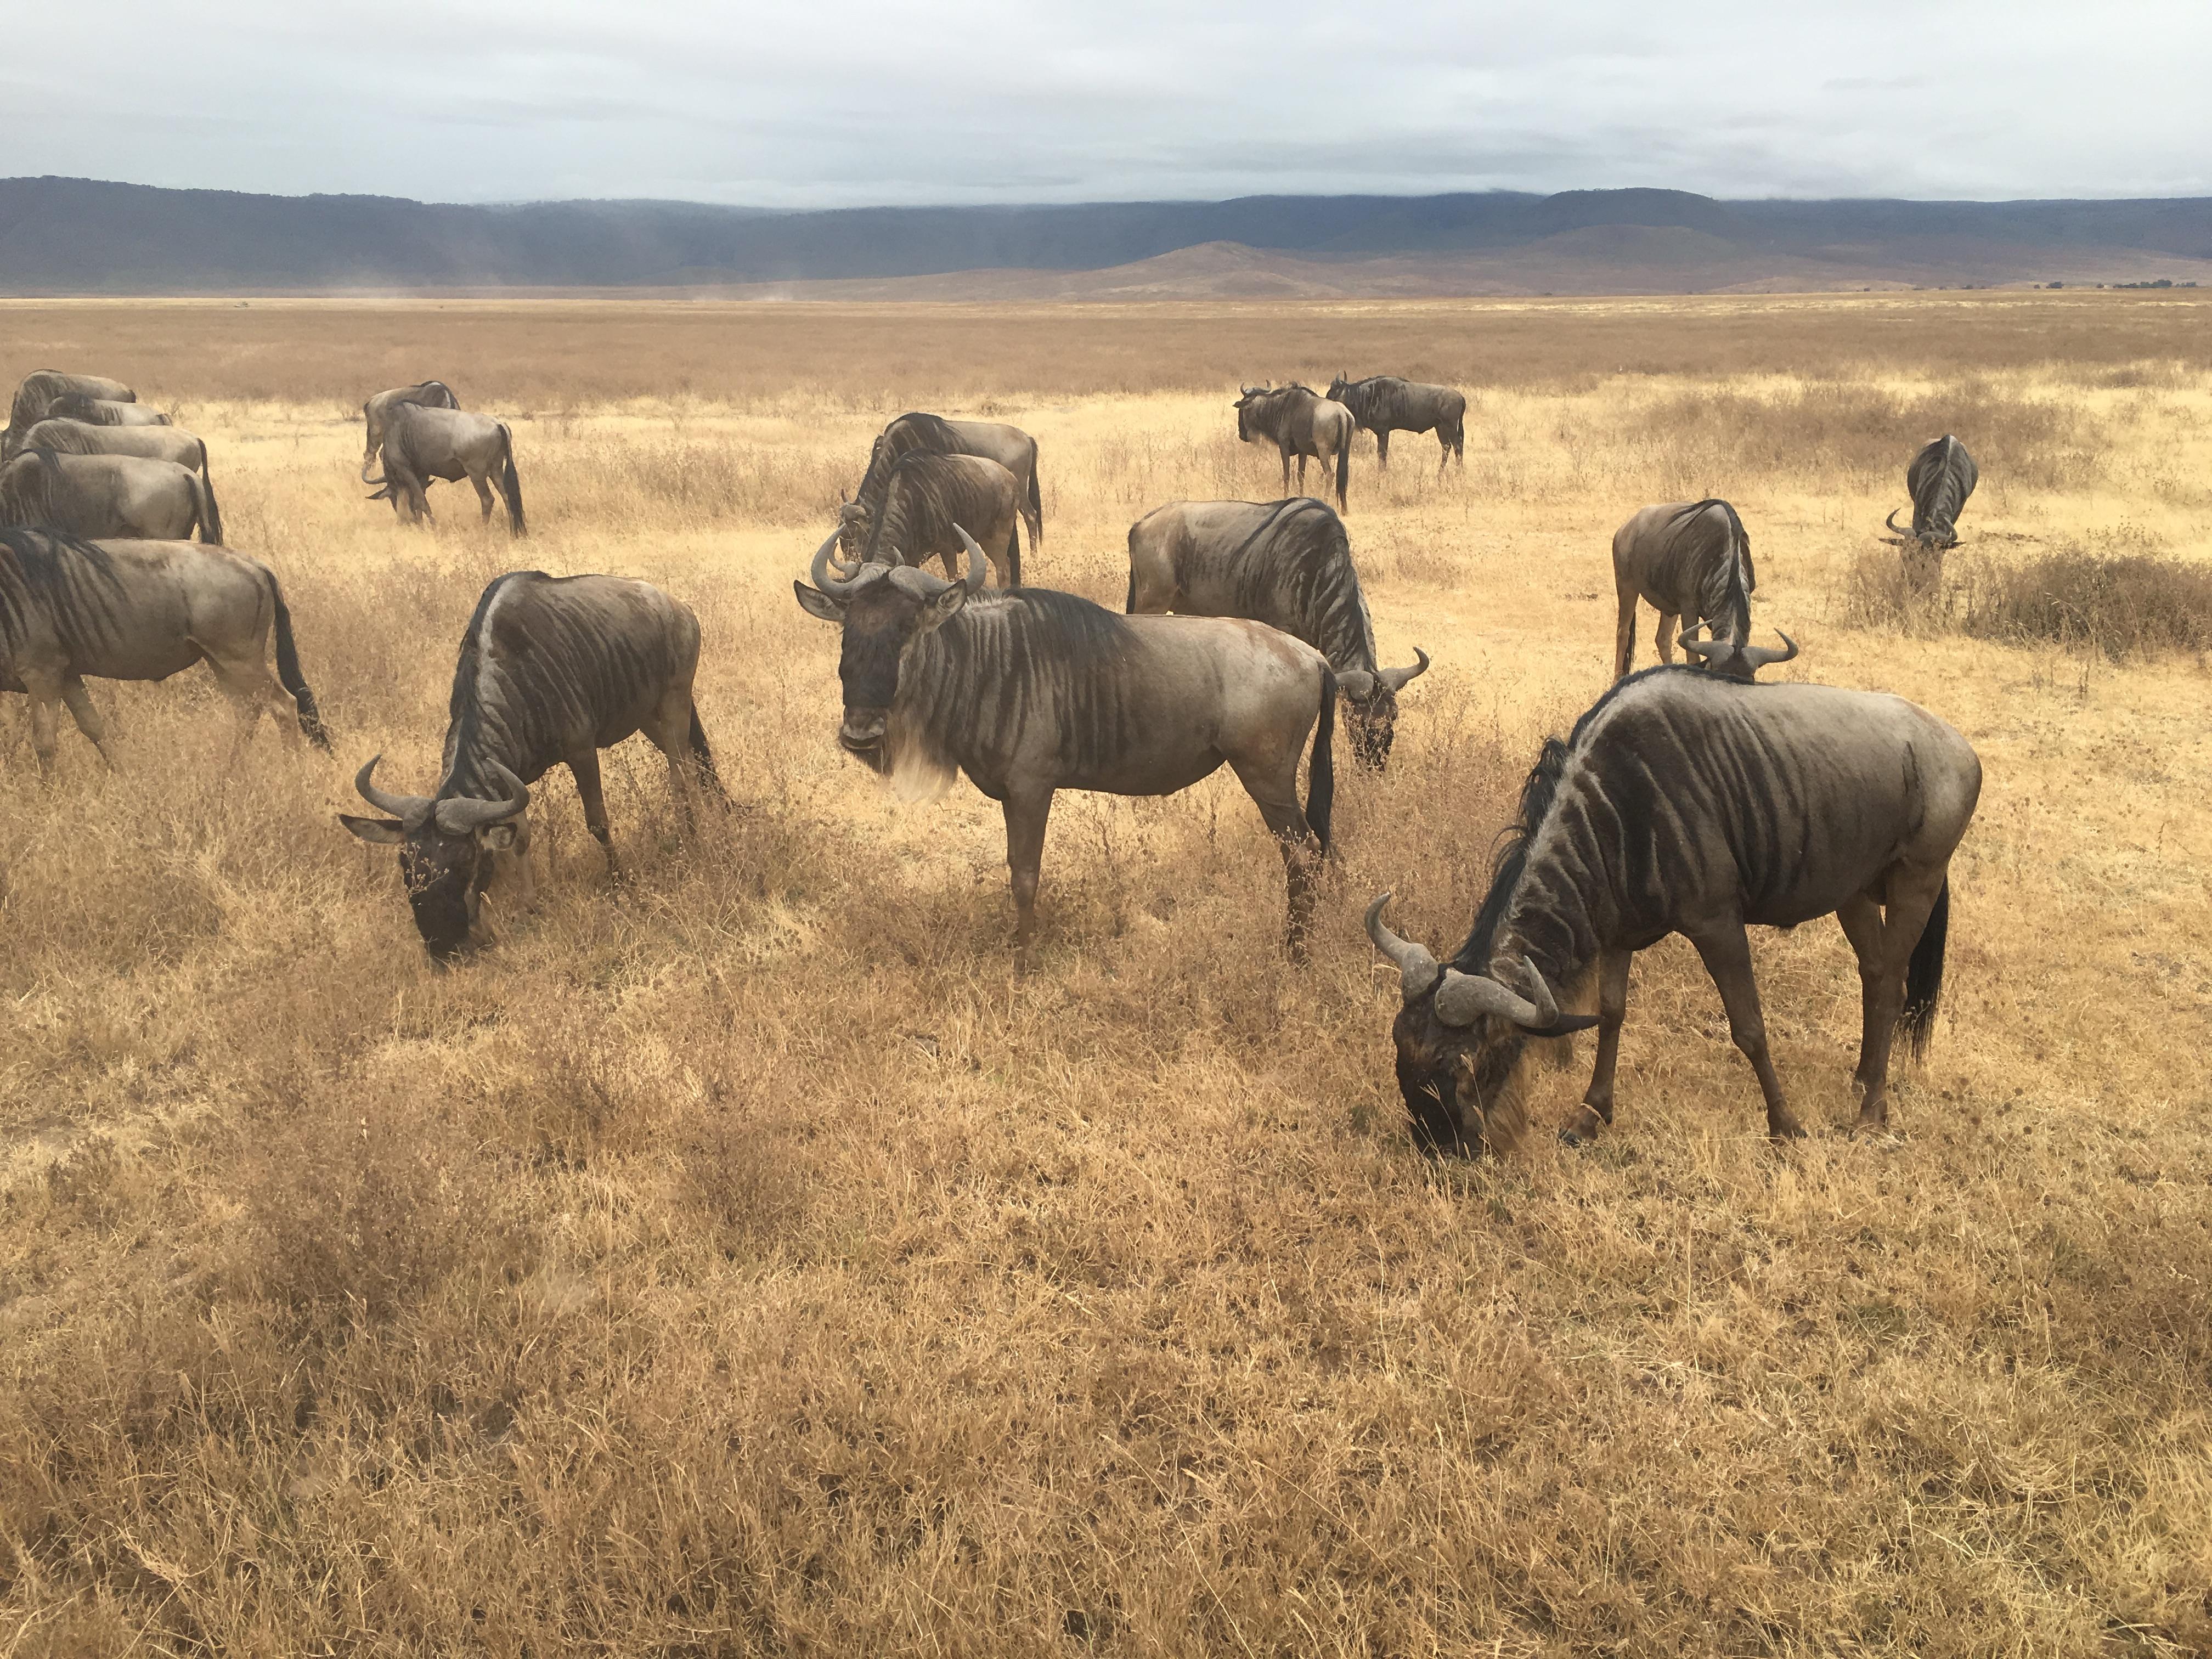 wildebeest herd in the Ngorongoro Crater